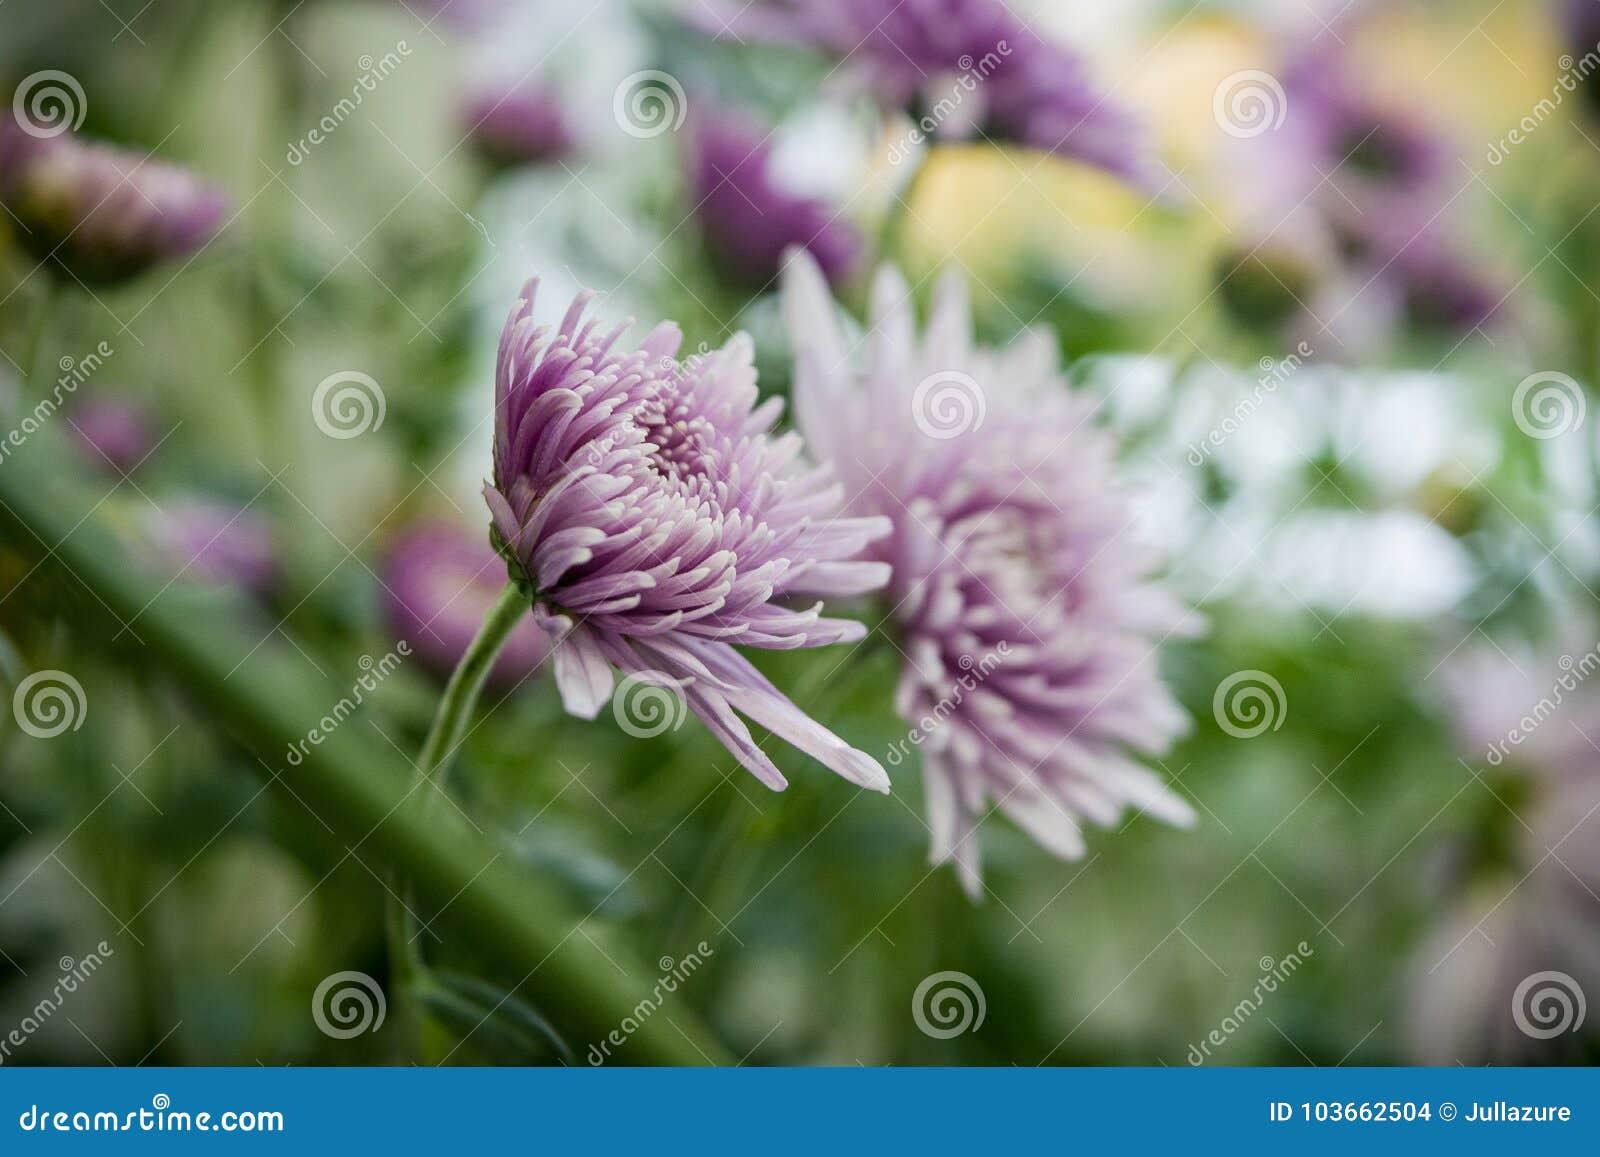 美丽的紫罗兰色菊花当背景图片